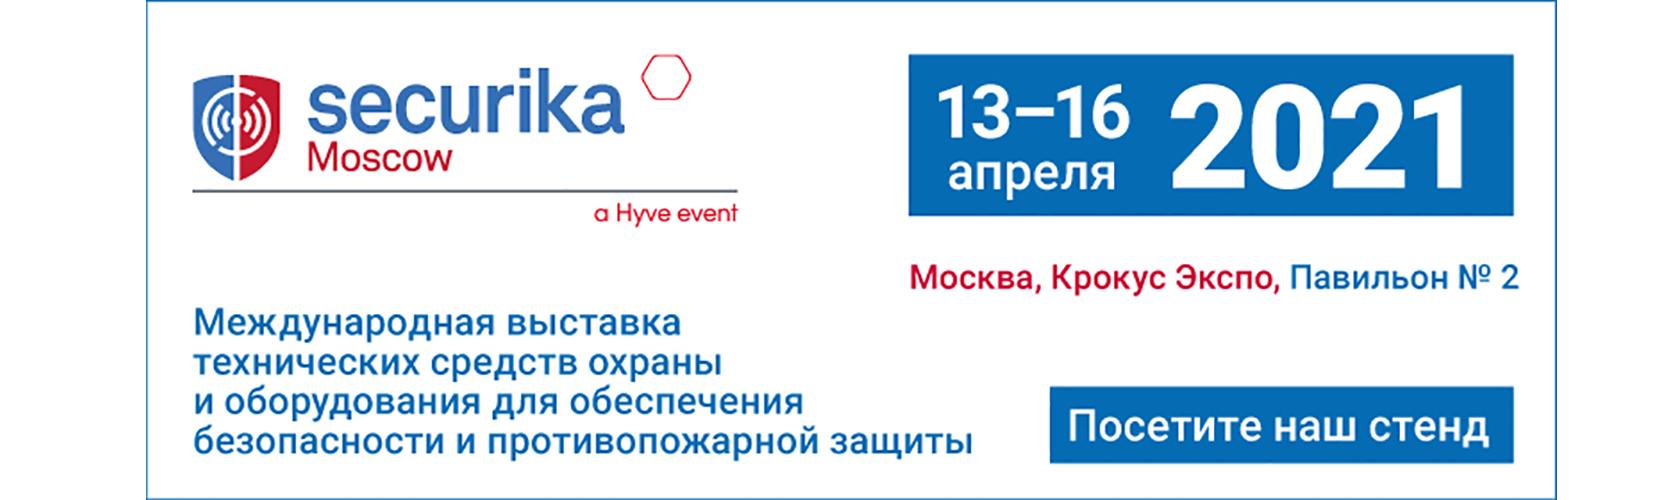 Выставка Securika 13-16 апреля 2021